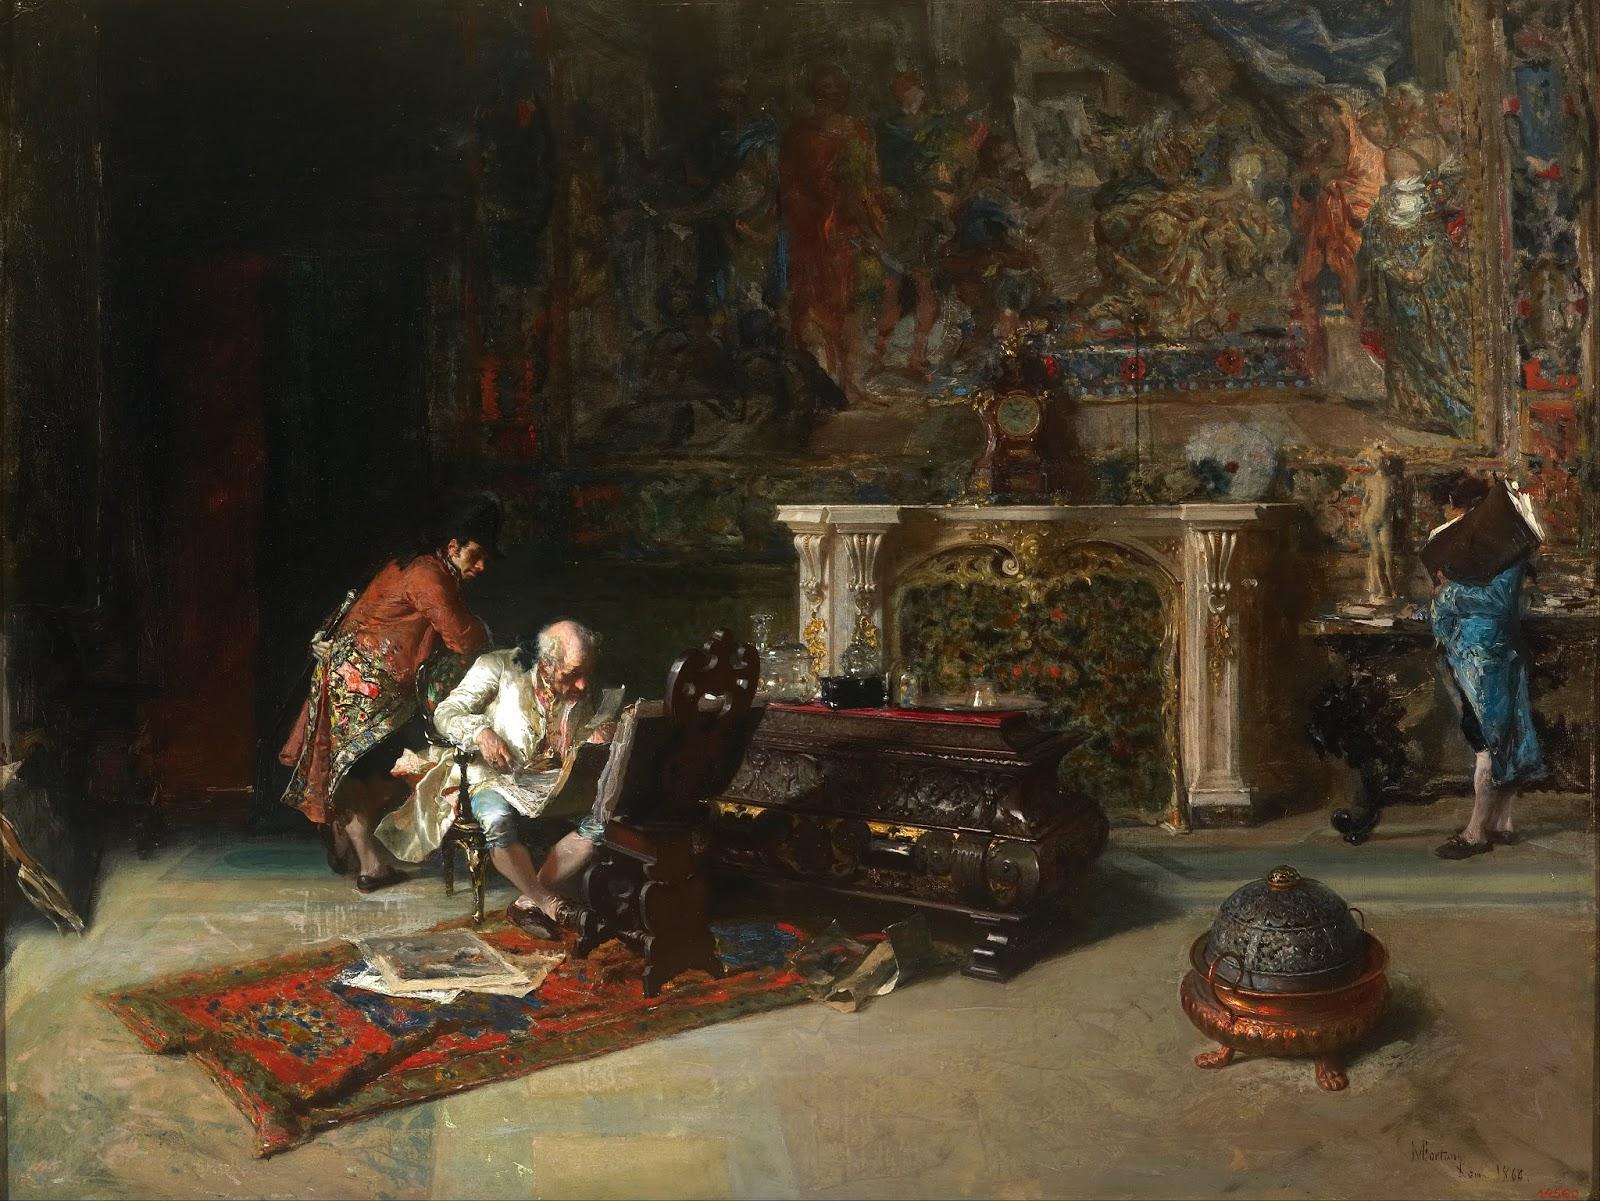 MARIANO FORTUNY Y MARSAL - O colecionador de gravuras - Óleo sobre tela - 52 x 66,5 - 1866 - Museu Nacional de Arte da Catalunha.jpg